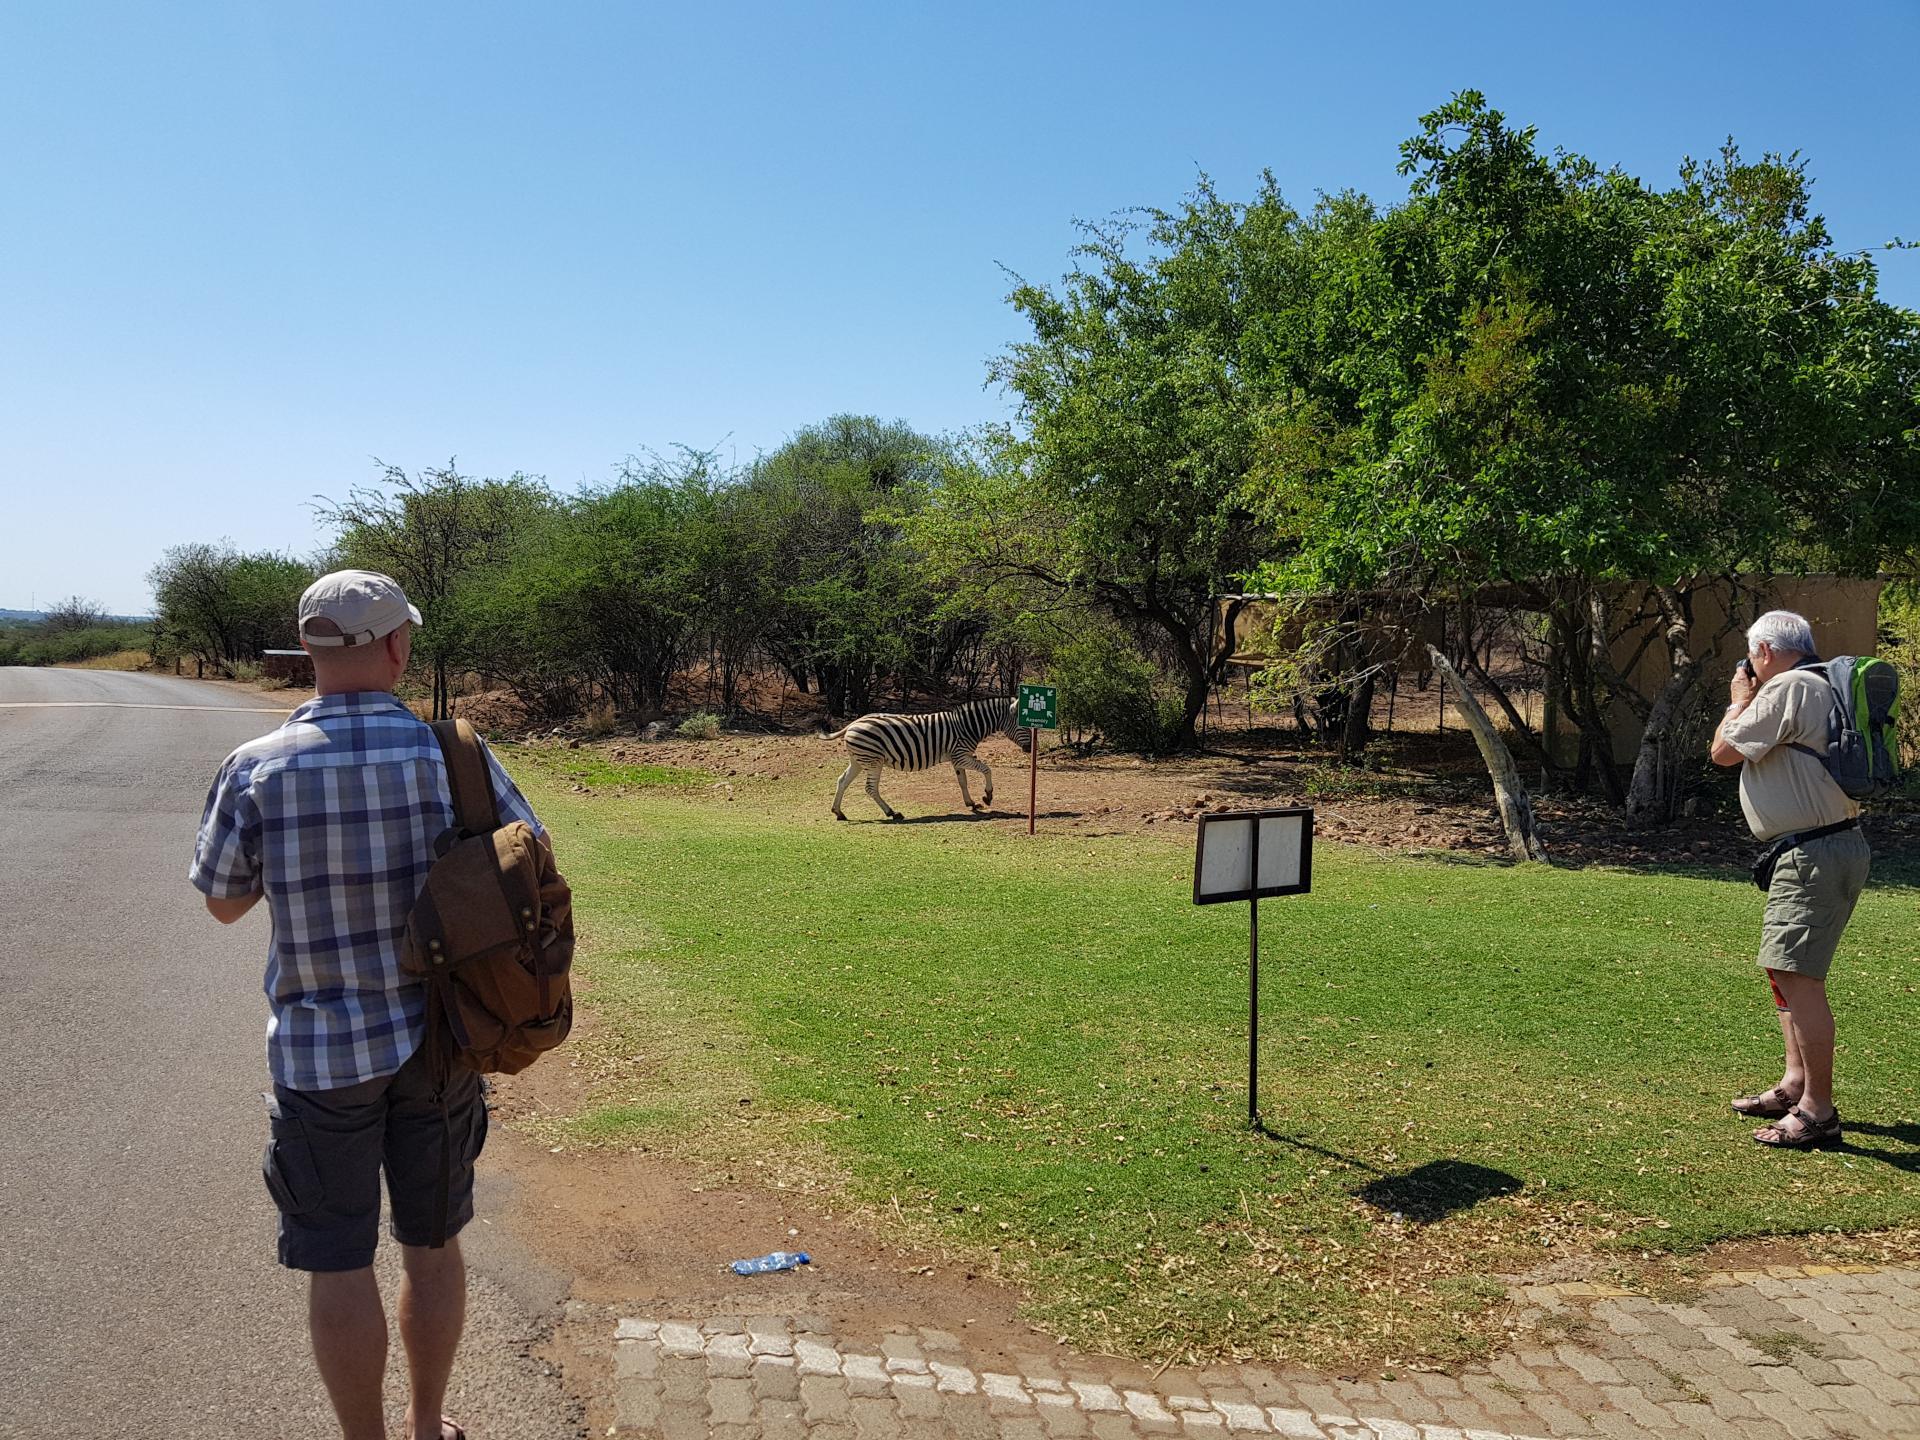 зебра в парке Пиланесберг